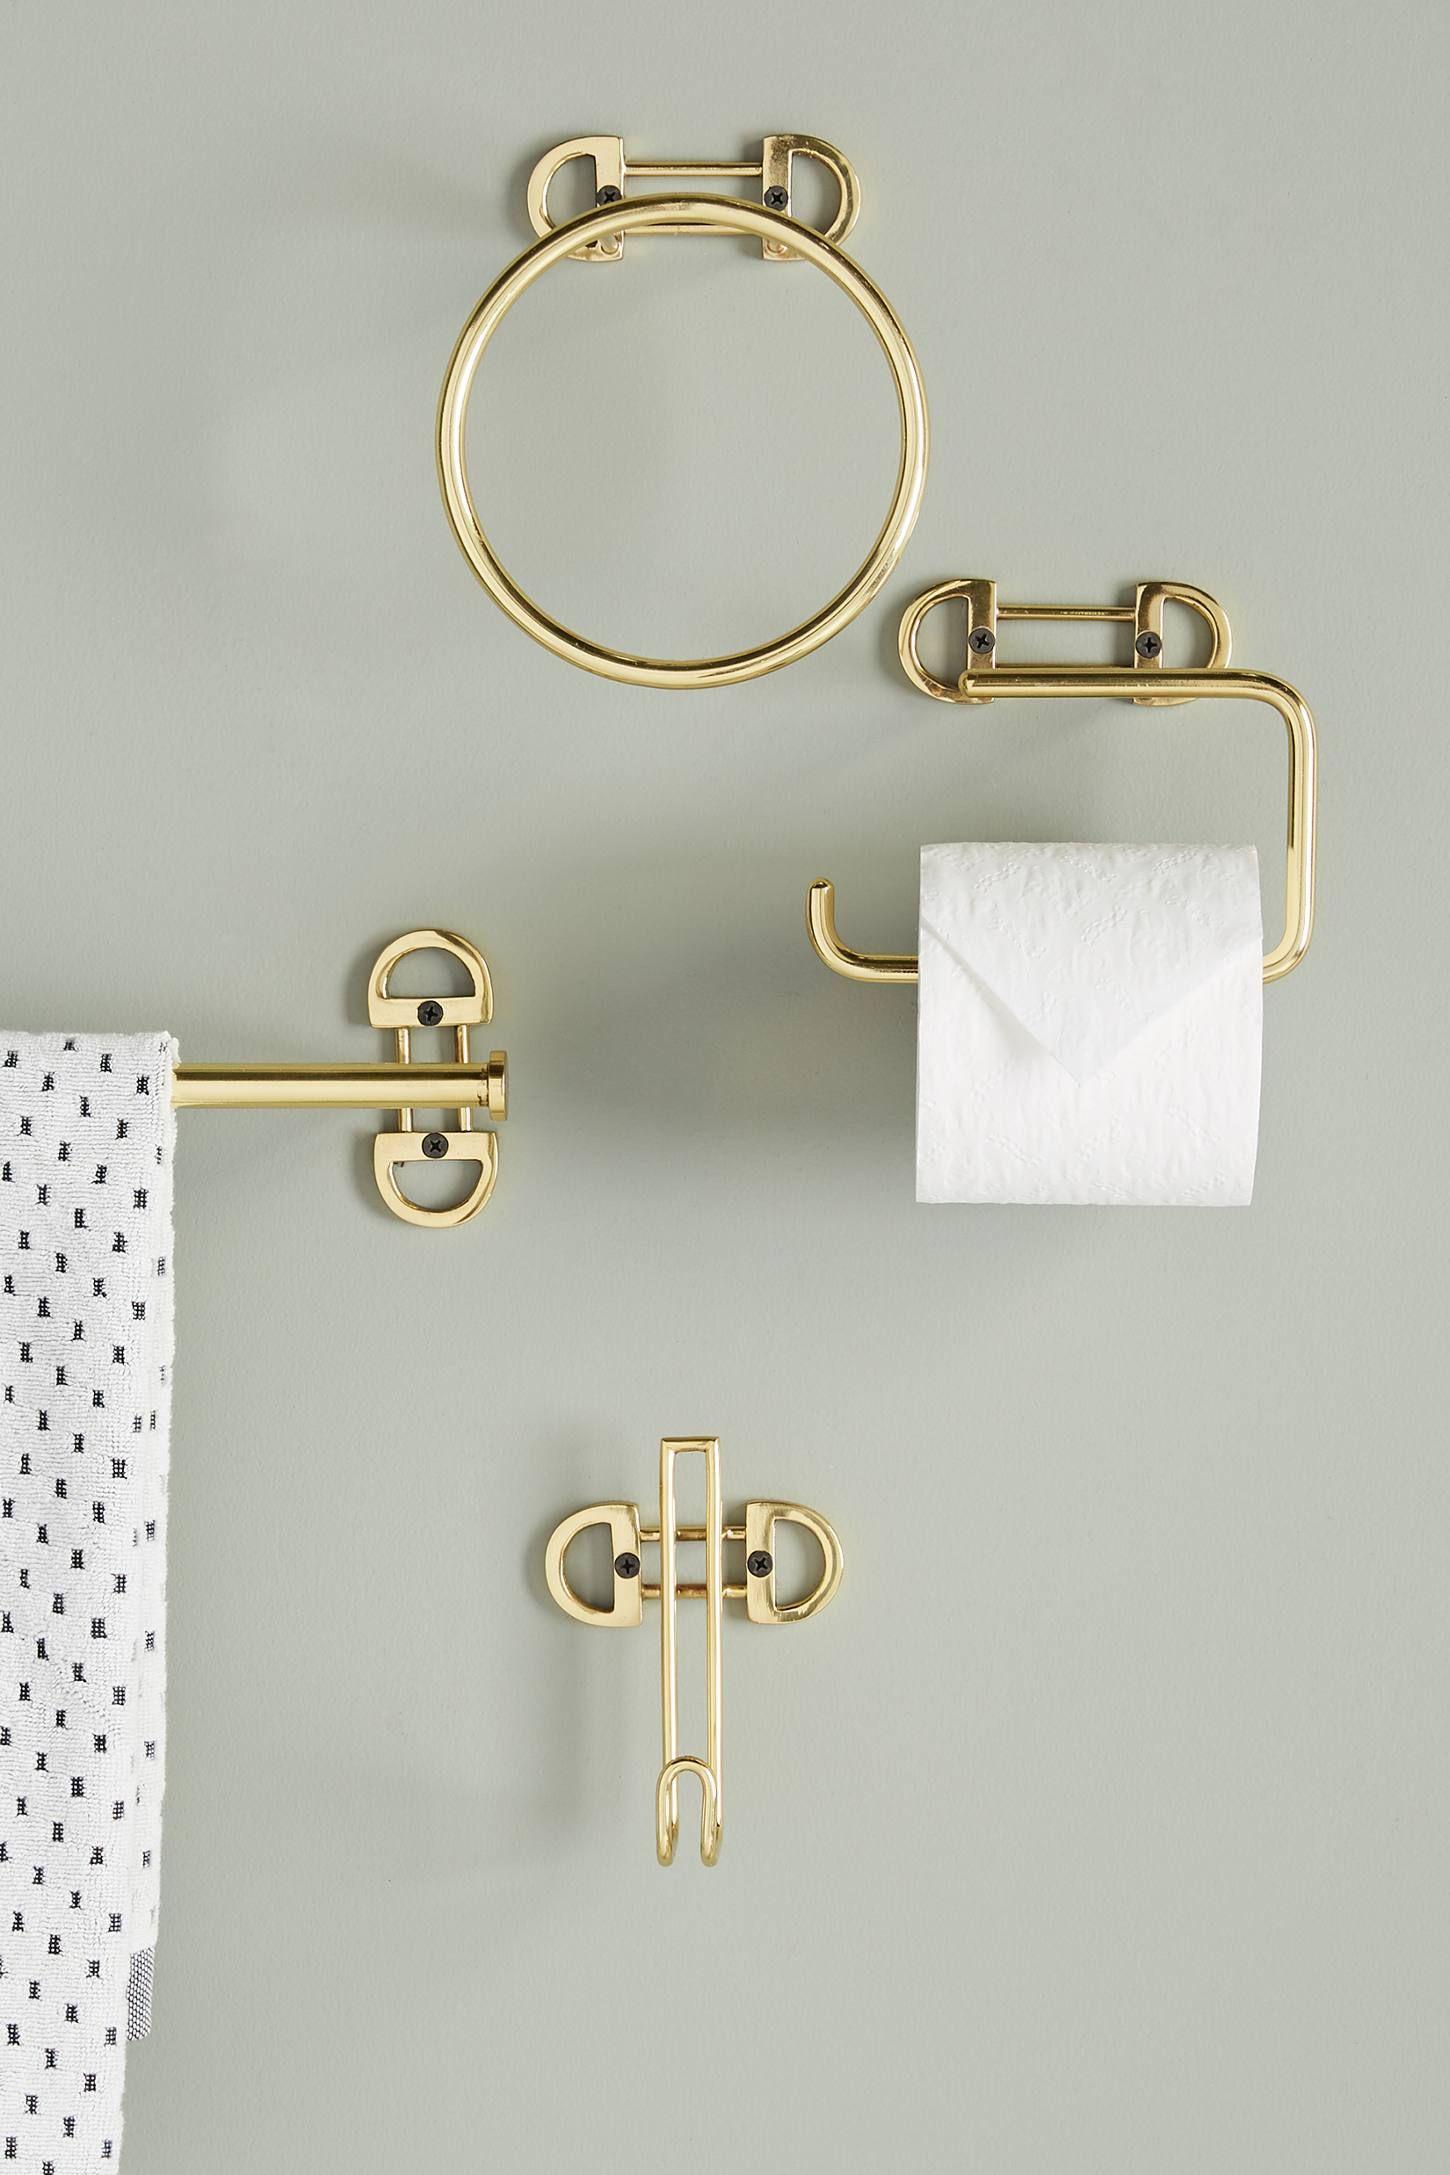 Francine Towel Bar With Images Toilet Paper Holder Towel Bar Towel Hooks